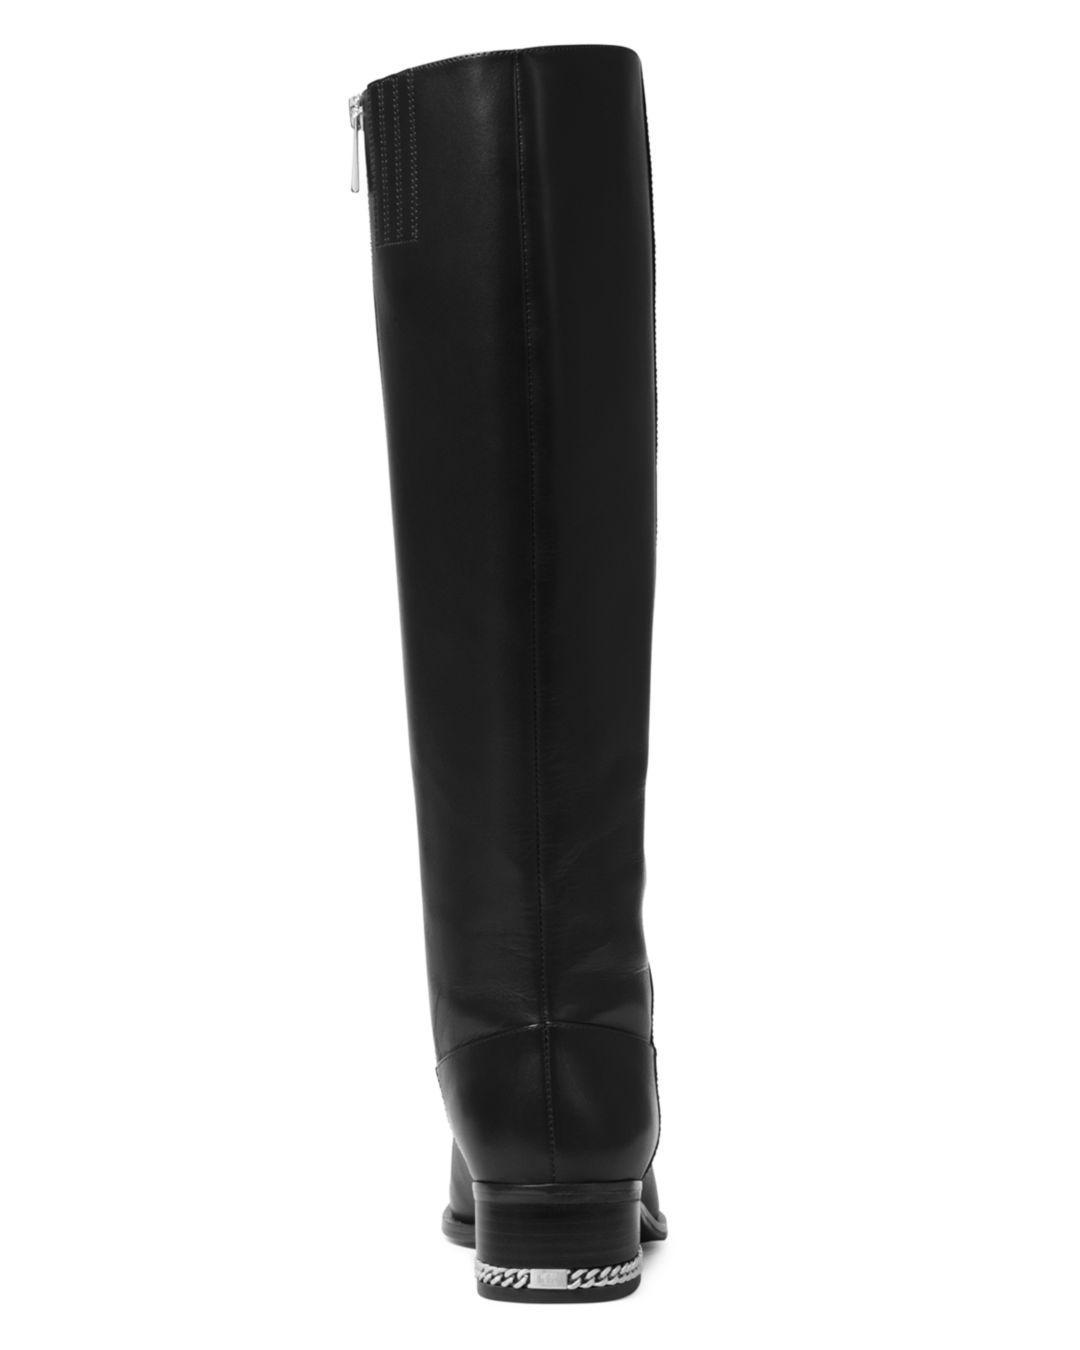 d6a85e63c668 MICHAEL Michael Kors Women s Walker Tall Riding Boots in Black - Lyst